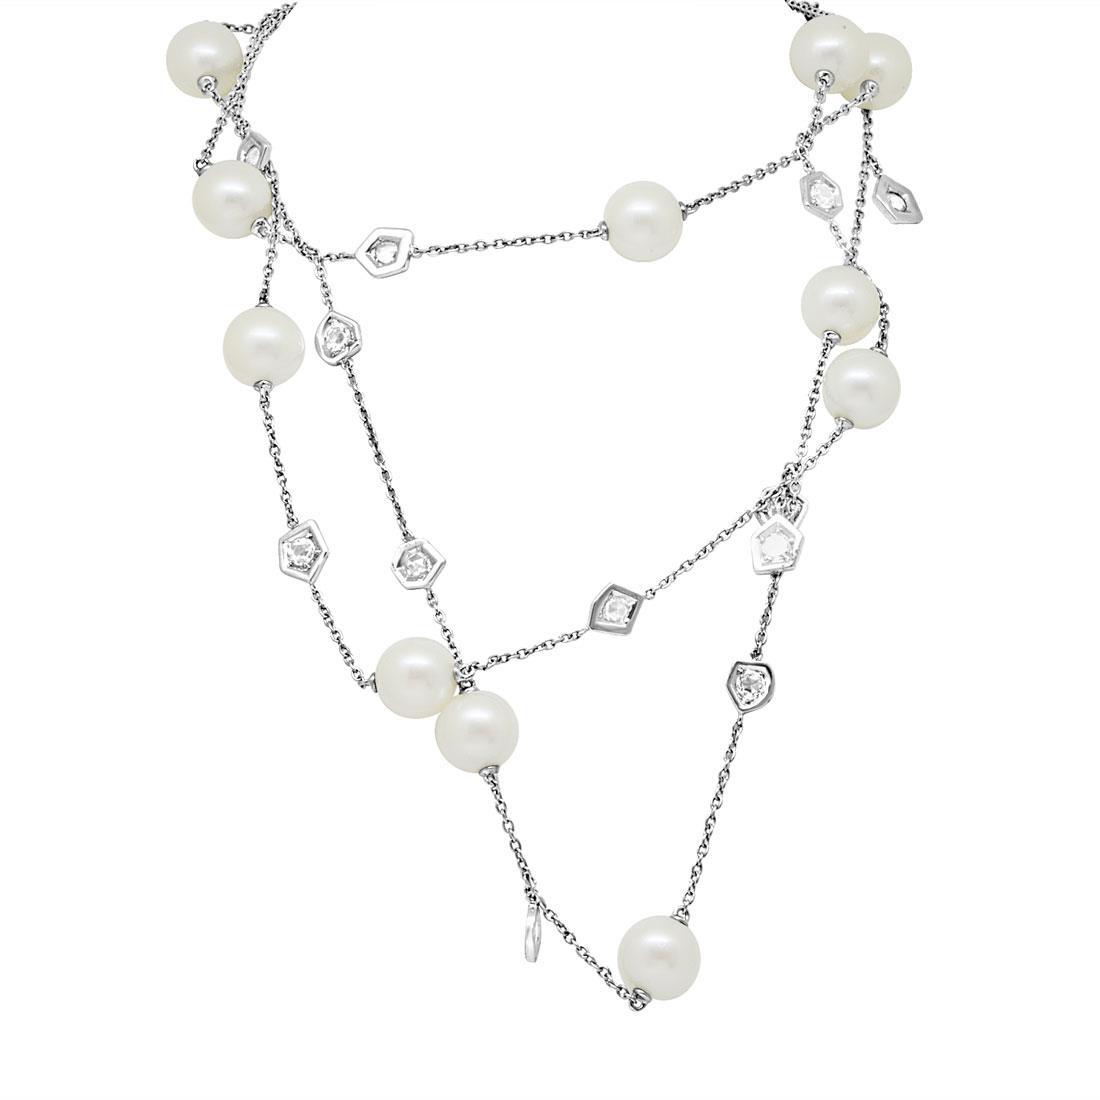 Collana Mimì in oro bianco con diamanti  - MIMI